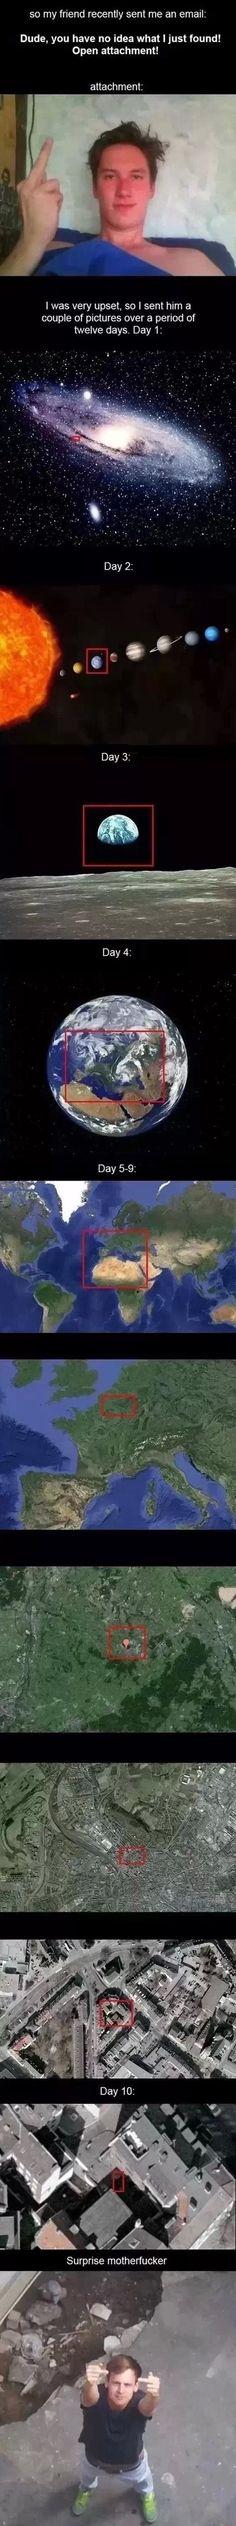 Google Maps Revenge